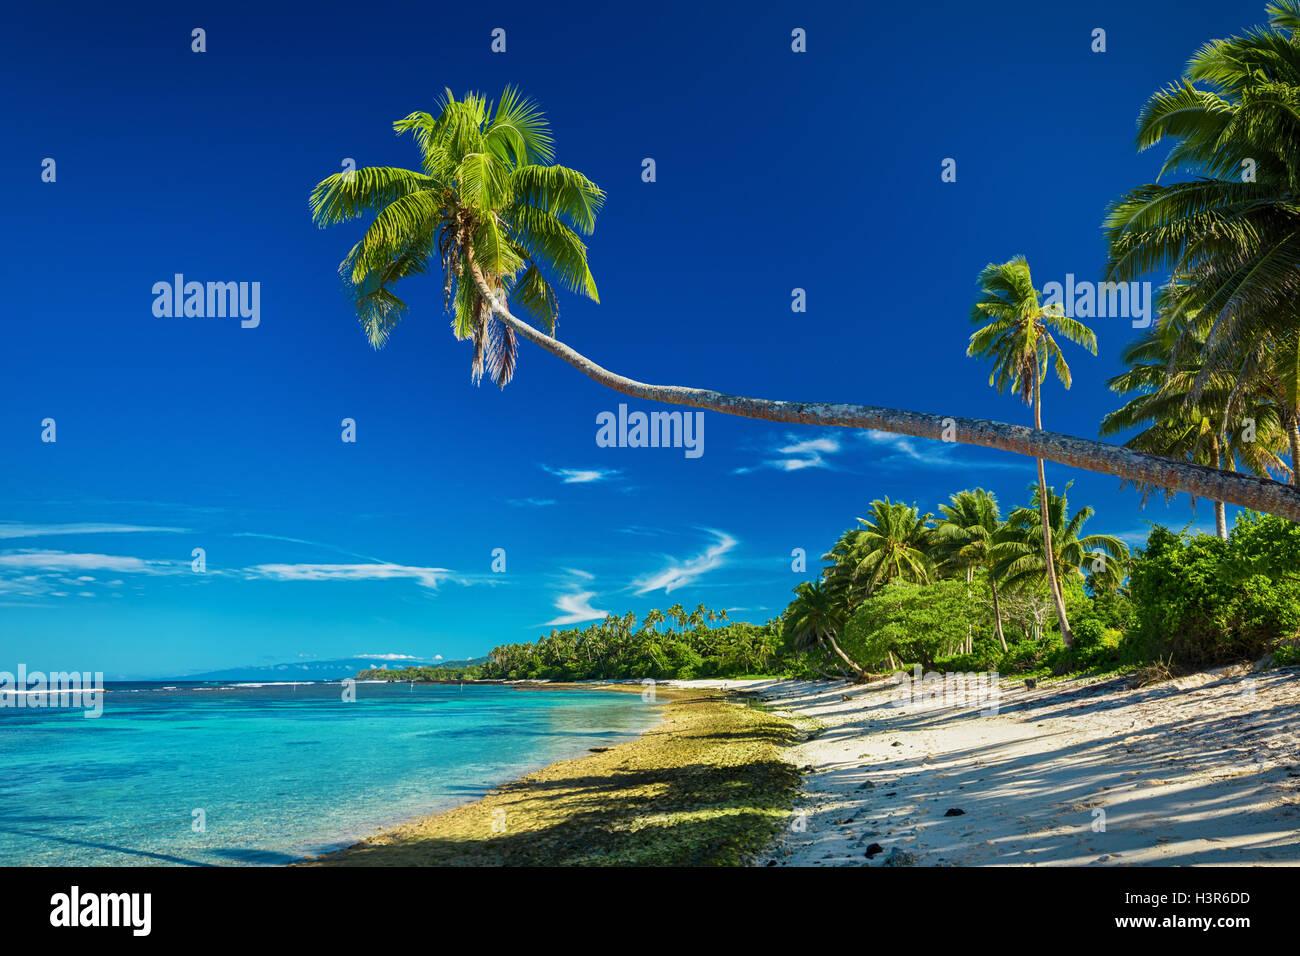 Playa Tropical en el lado sur de la isla de Samoa con muchas palmeras Imagen De Stock